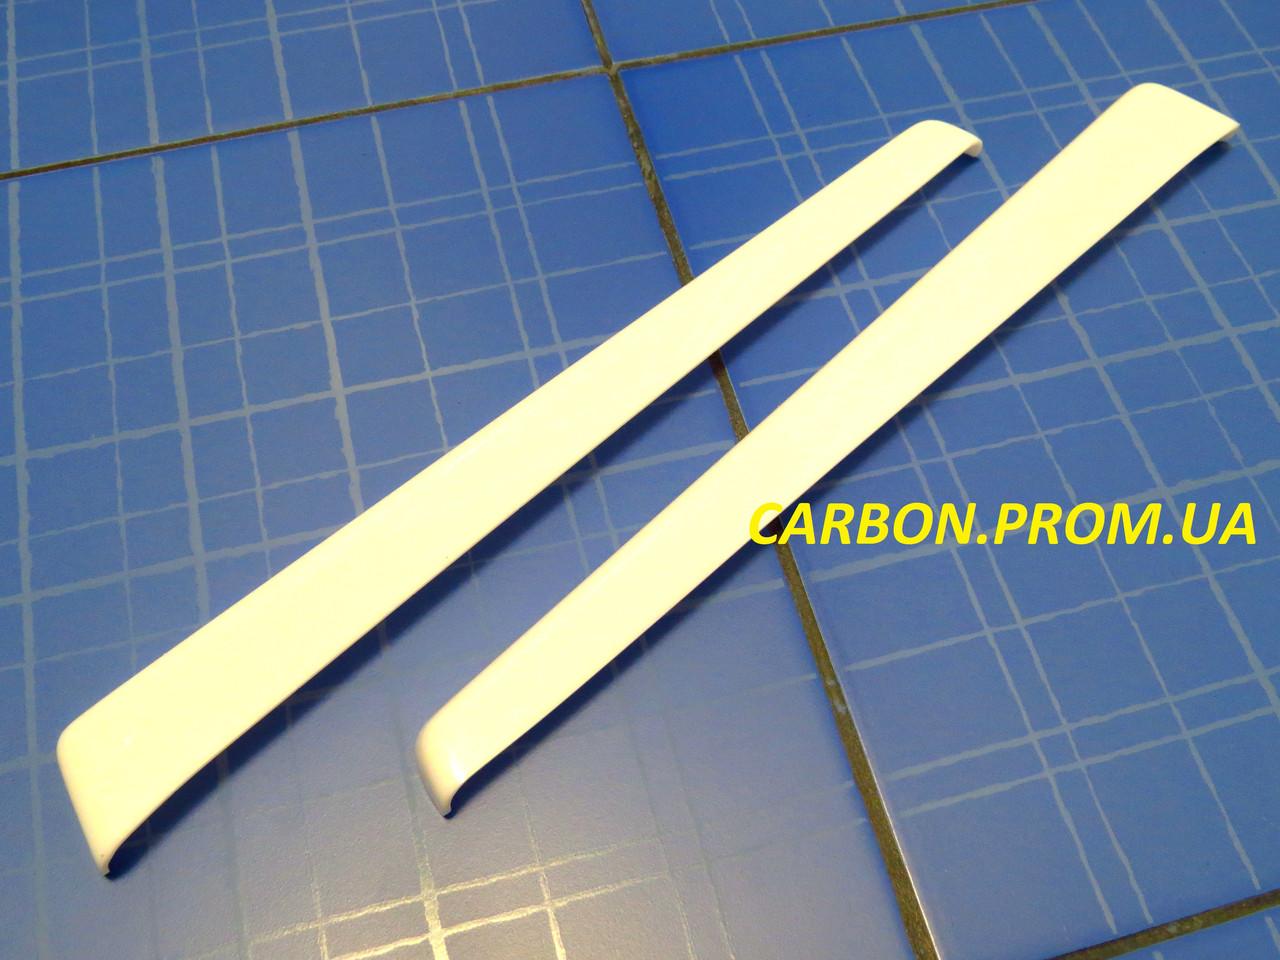 Вії ANV Air ВАЗ 2109 білі тюнінгові накладки на автомобільні фари